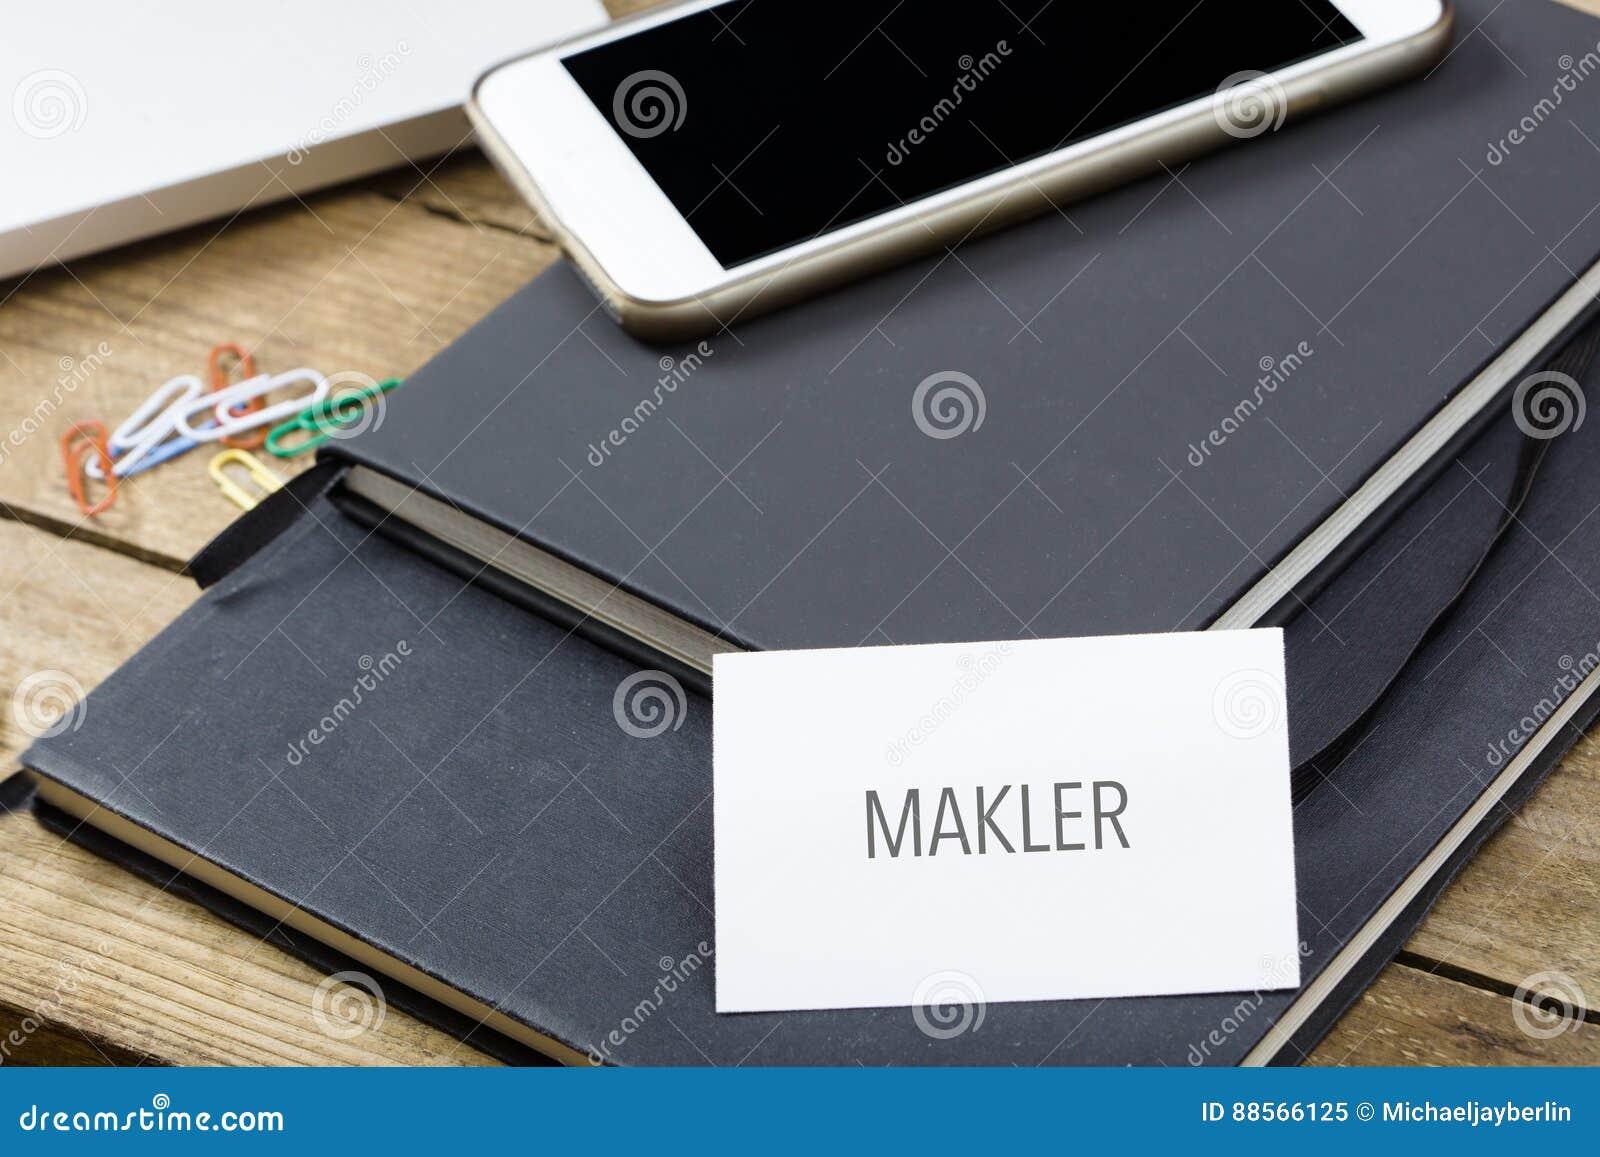 Makler Texte Allemand Pour Lagent Immobilier Carte De Visite Professionnelle Sur Le Bureau Avec Des Carnets Appareils Electroniques